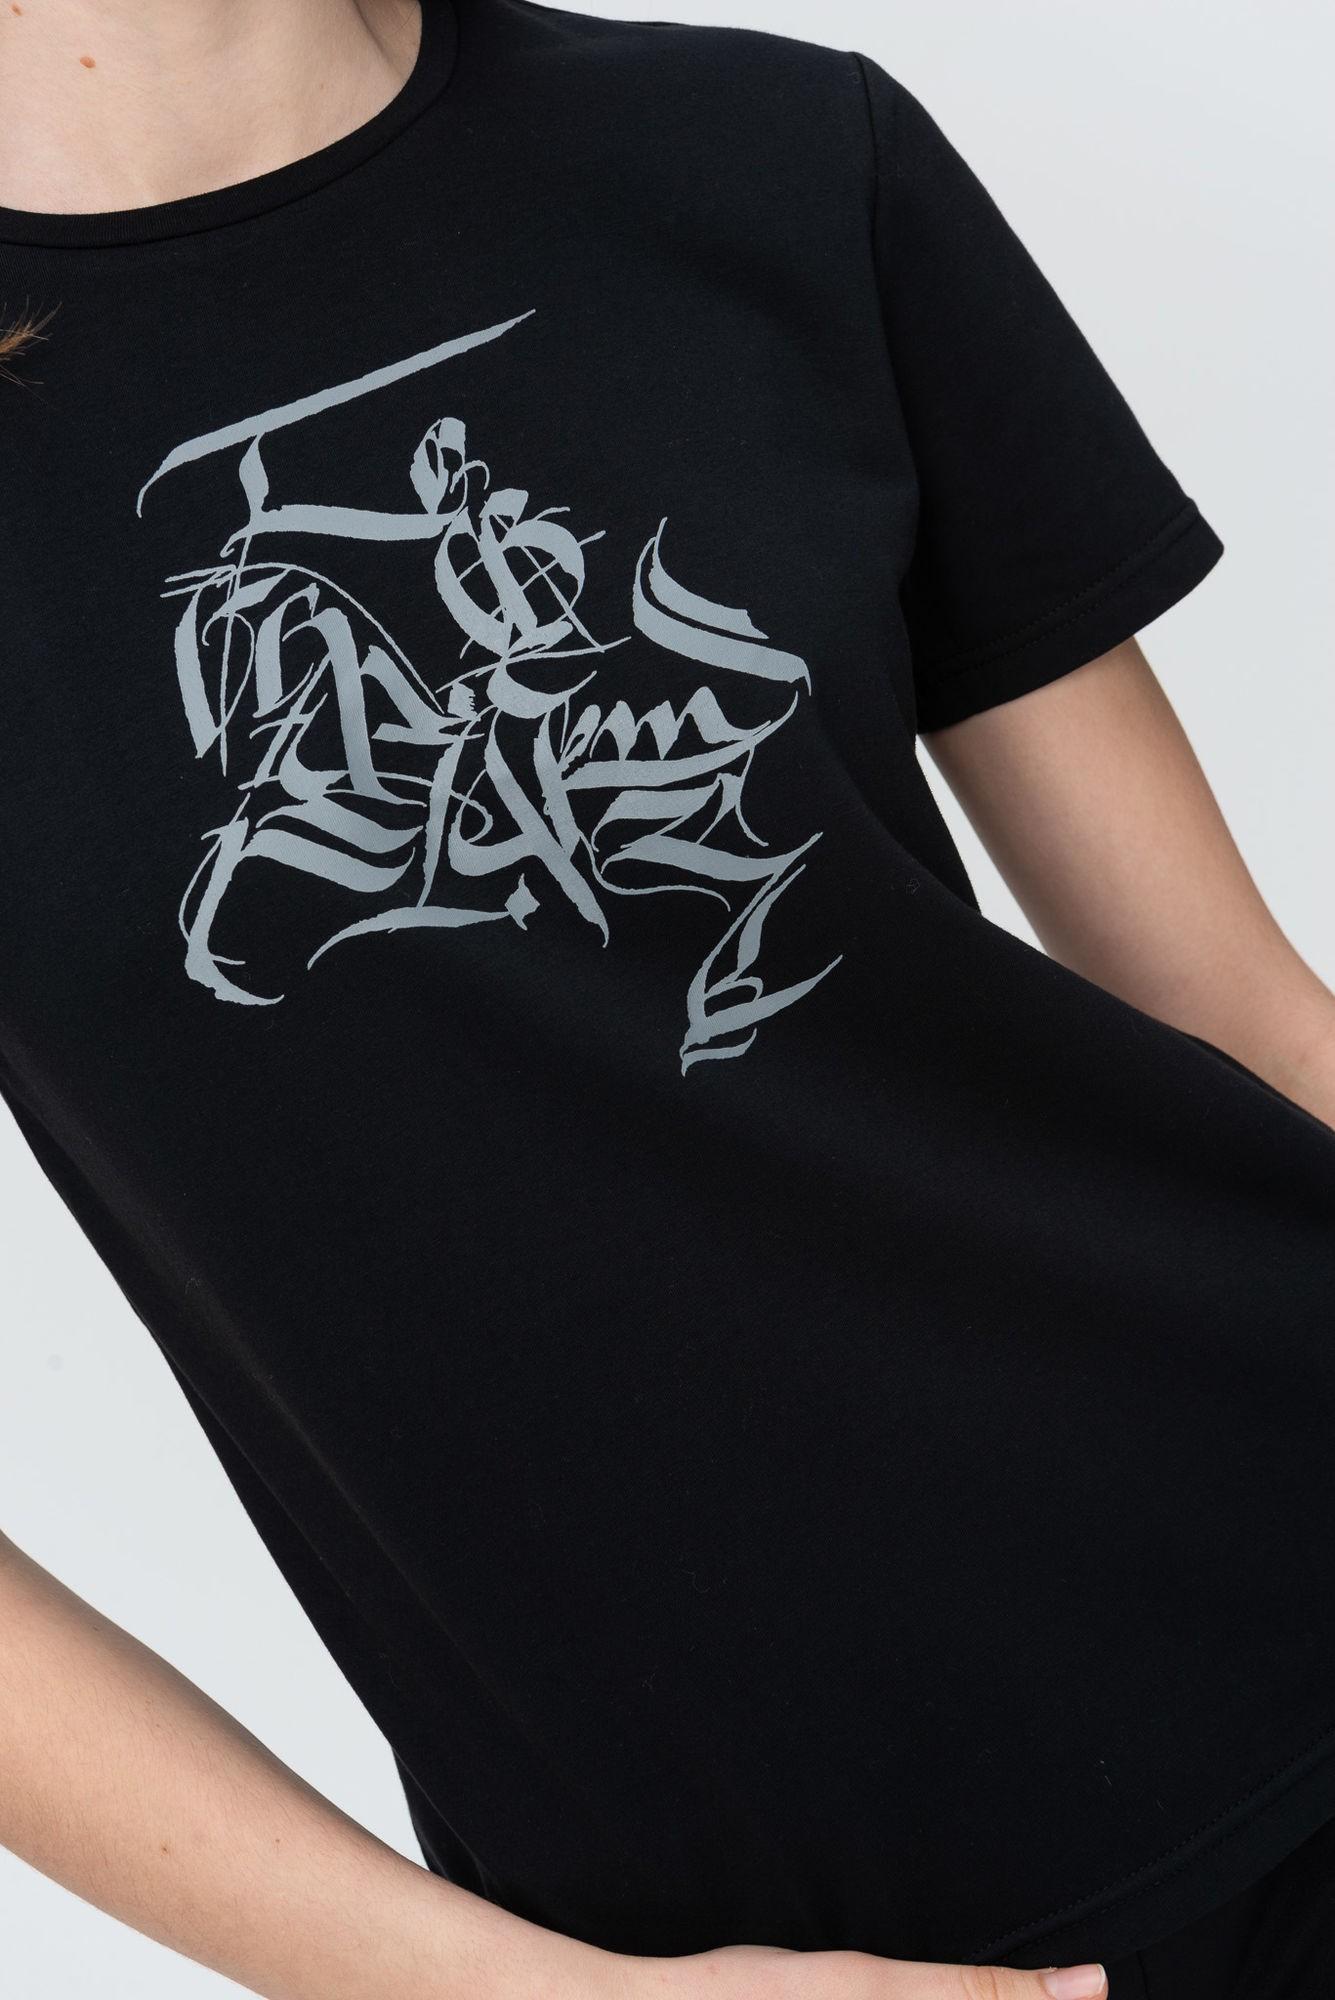 AUDIMAS Marškinėliai trumpomis rankovėmis 20HR-021 Vytis4/Black Printed XS